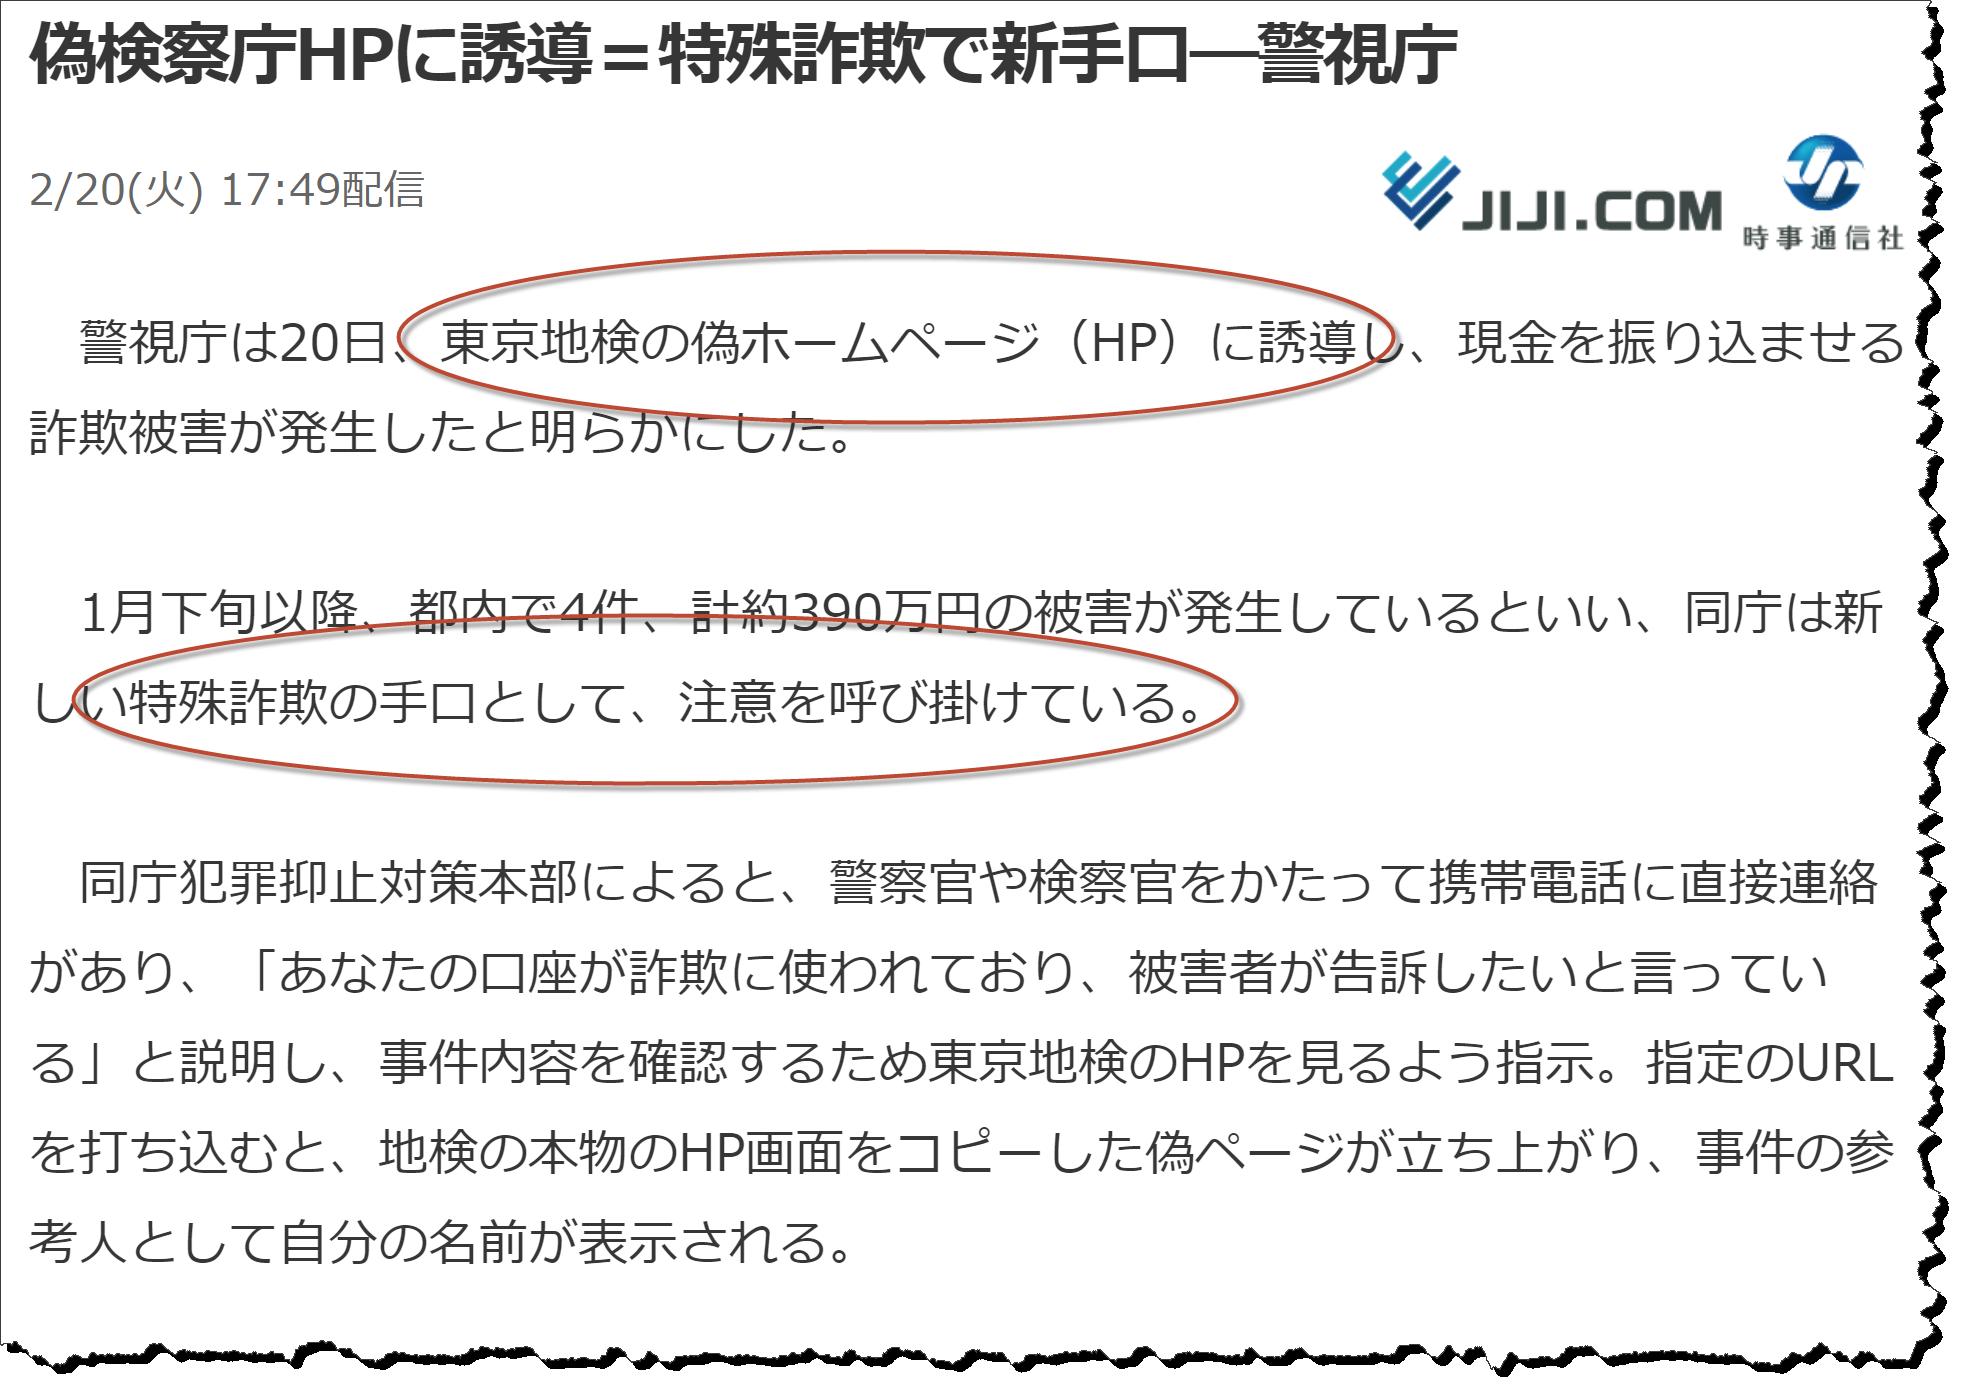 偽検察庁HPに誘導=特殊詐欺で新手口―警視庁